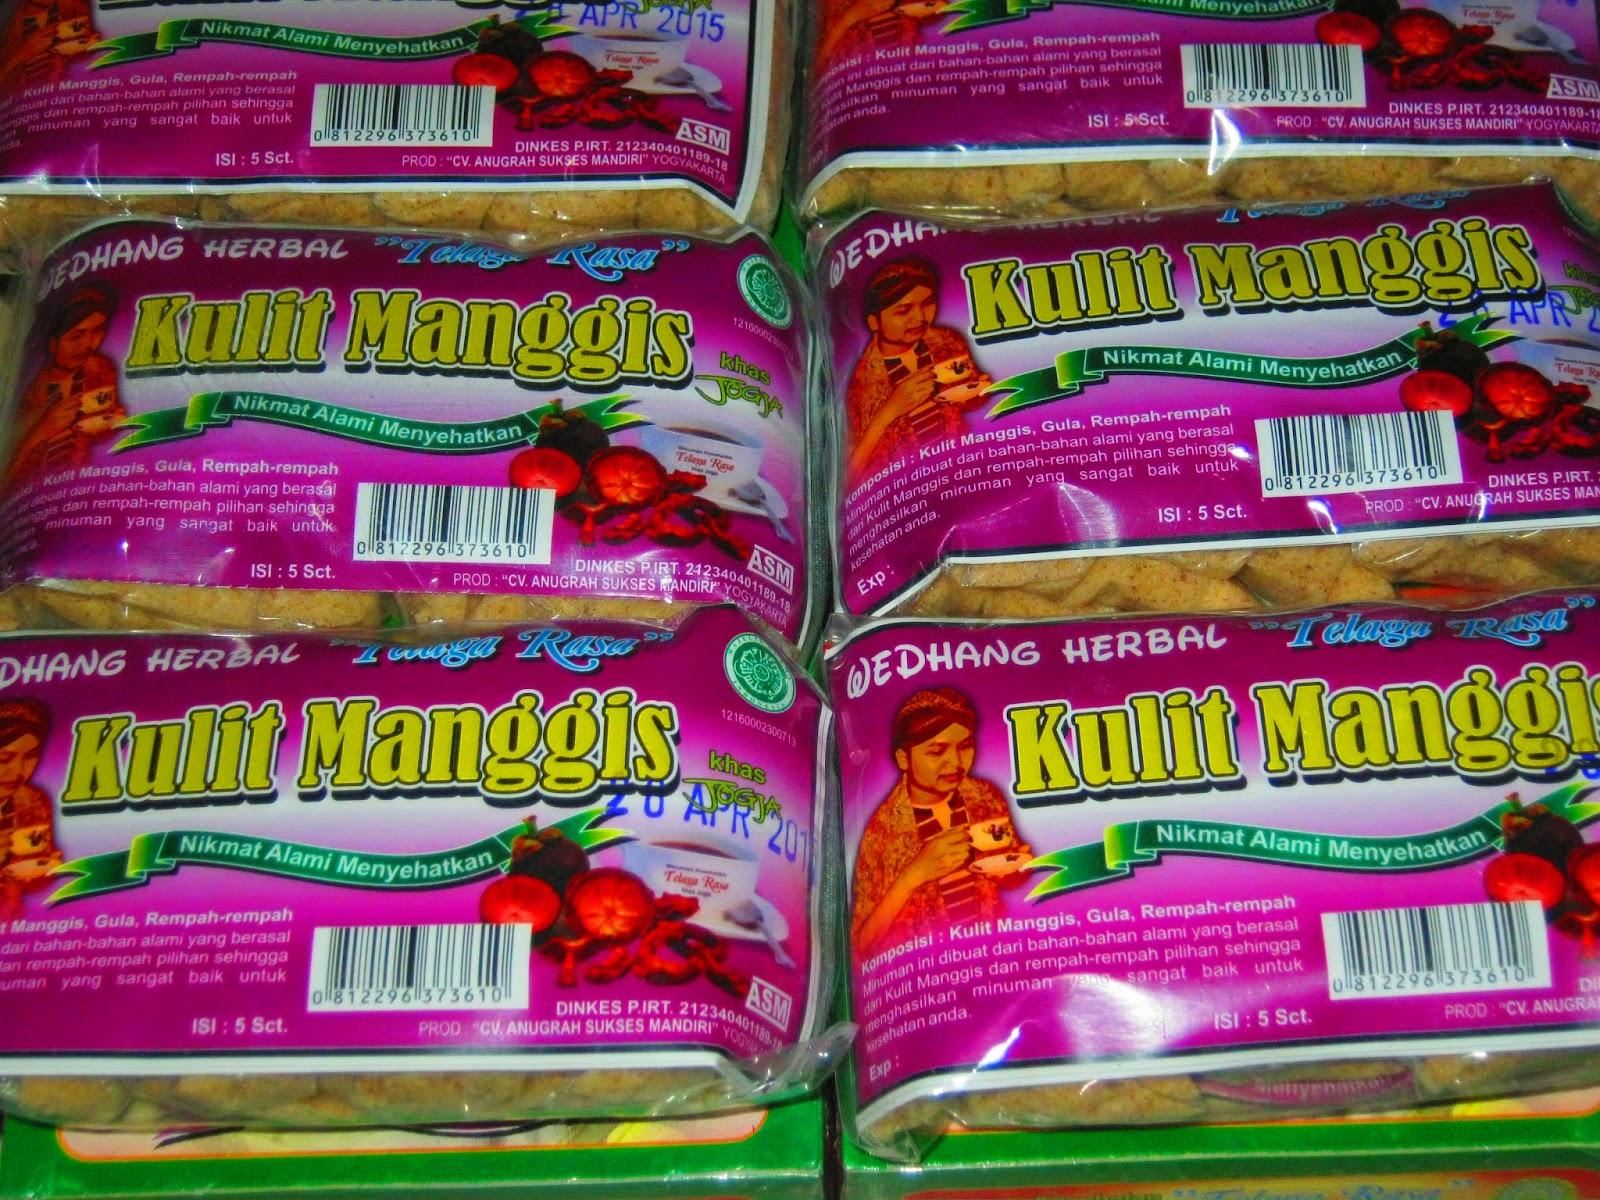 kulit manggis, ekstrak kulit manggis, minuman herbal, minuman kesehatan, herbal lami, ecer kulit manggis, grosir kulit manggis, grosir minuman herbal, ecer meinuman herbal, kasimura